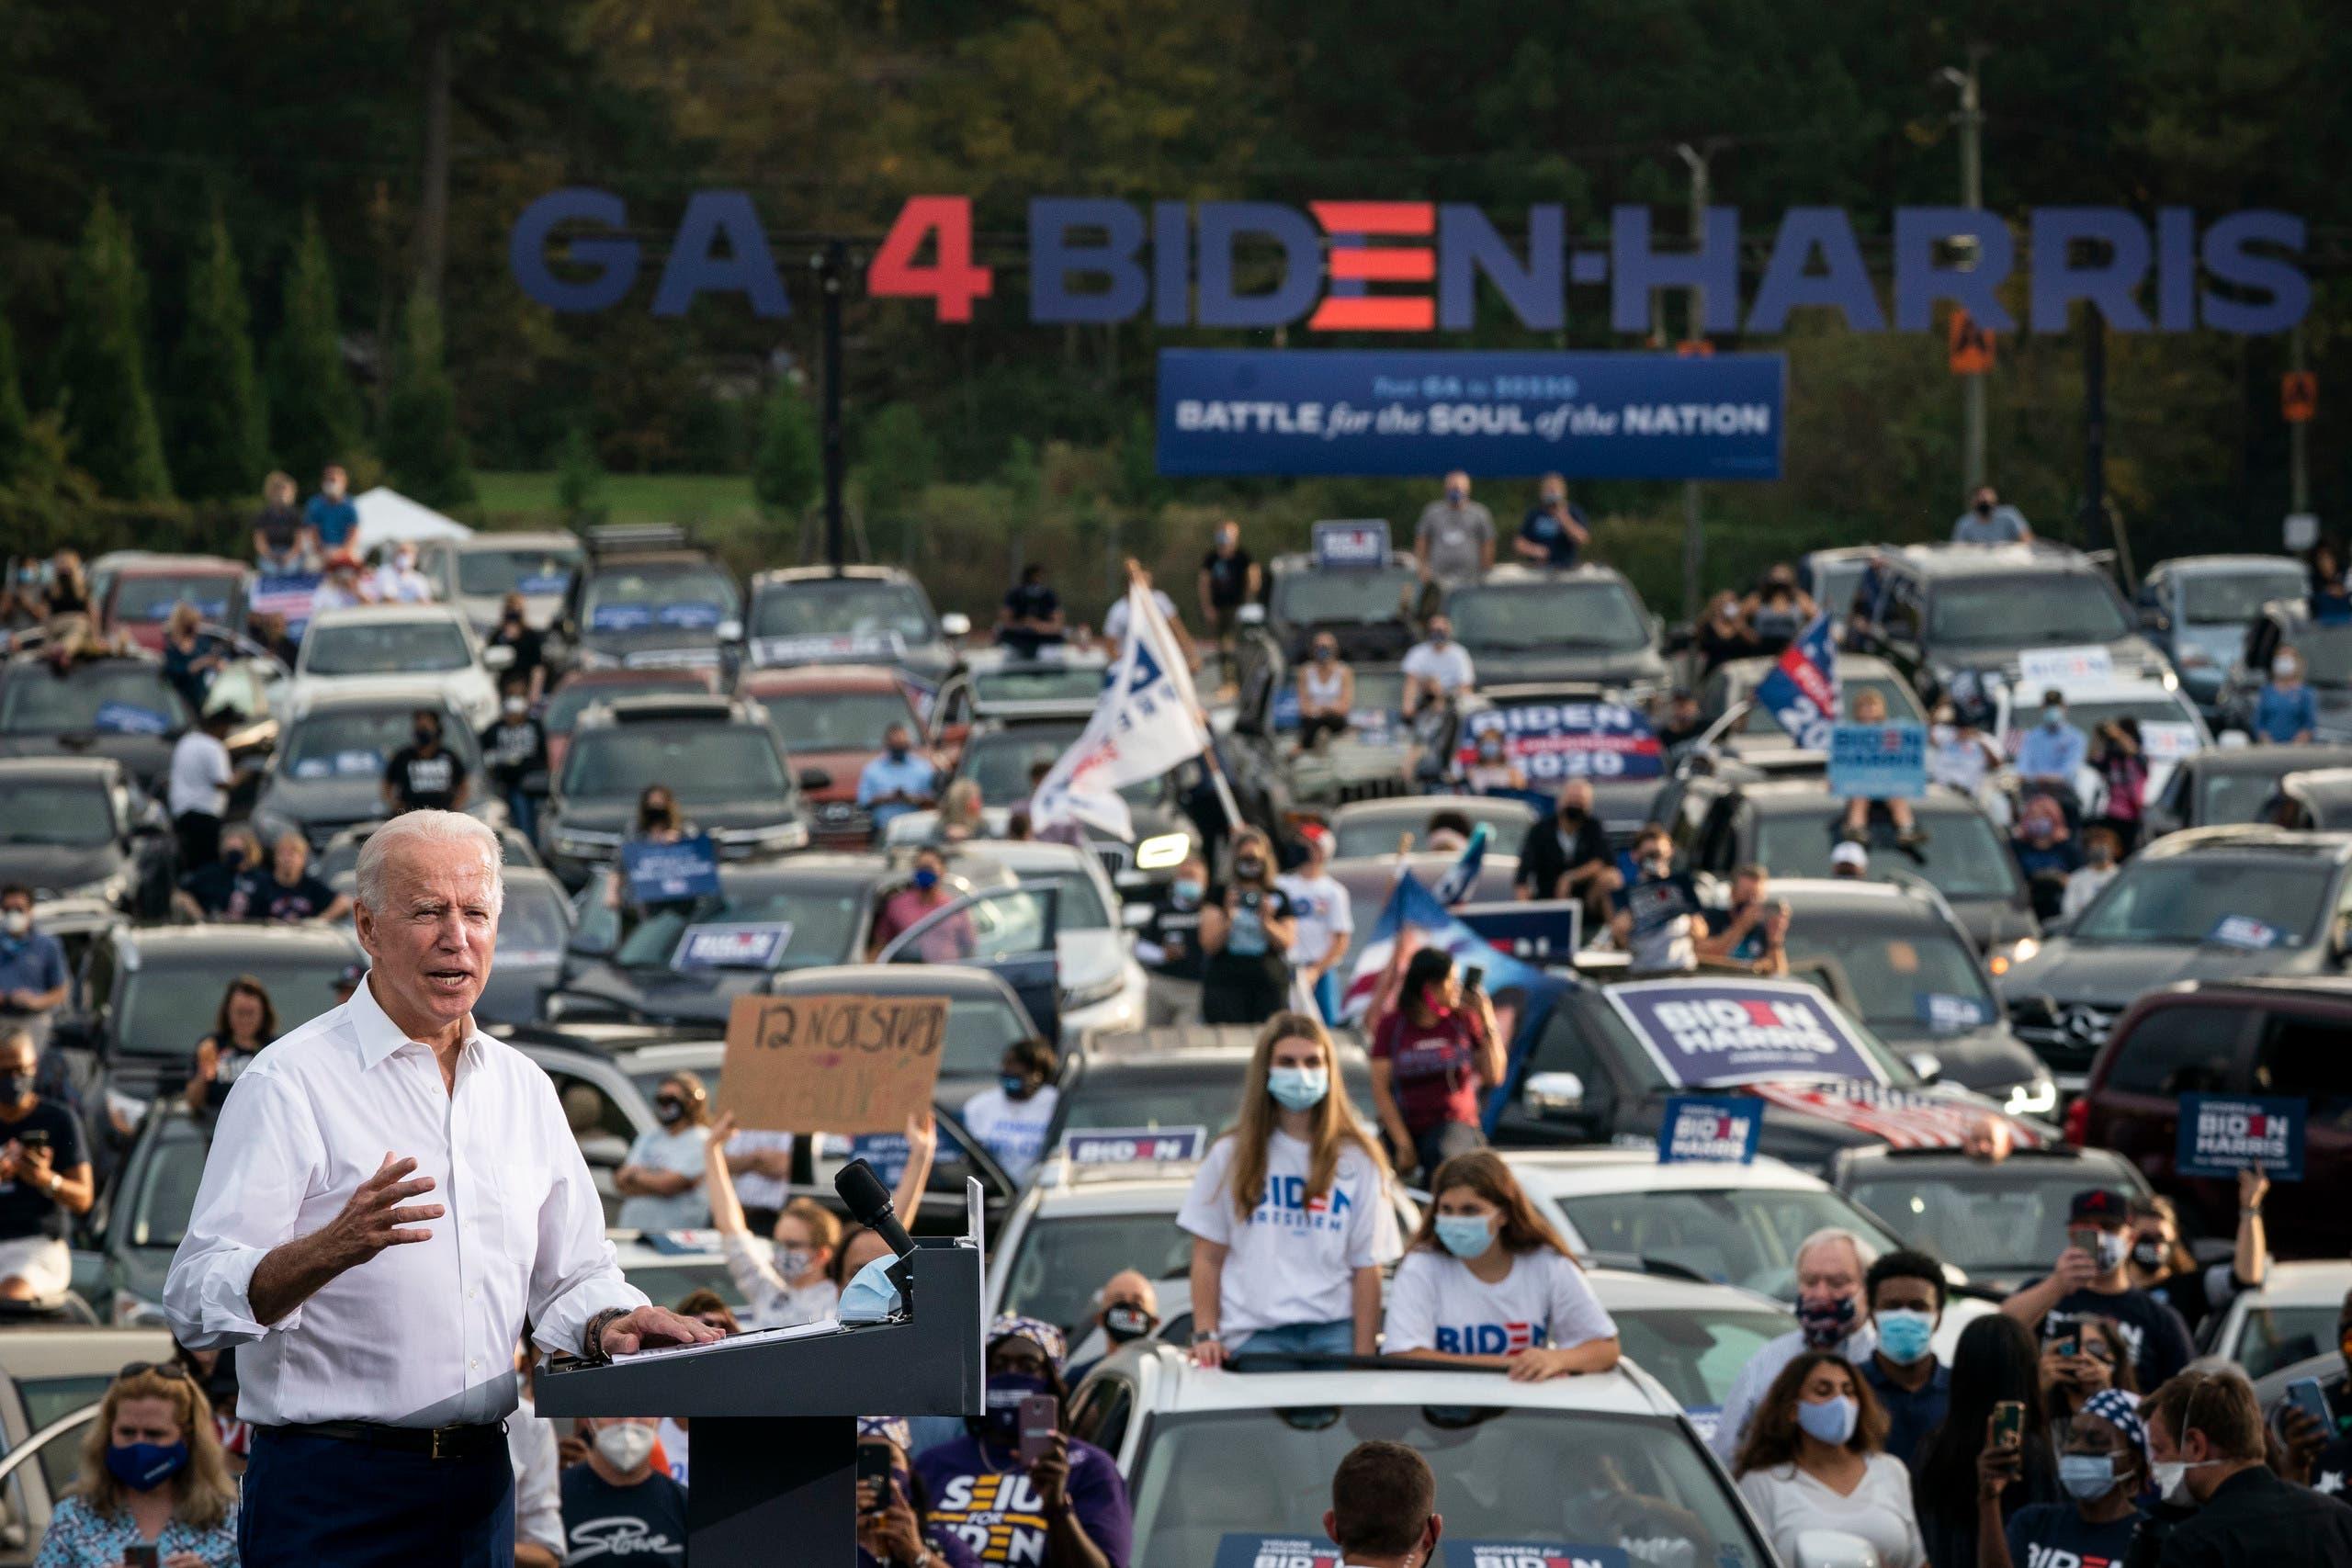 جو بايدن خلال تجمّع انتخابي في جورجيا